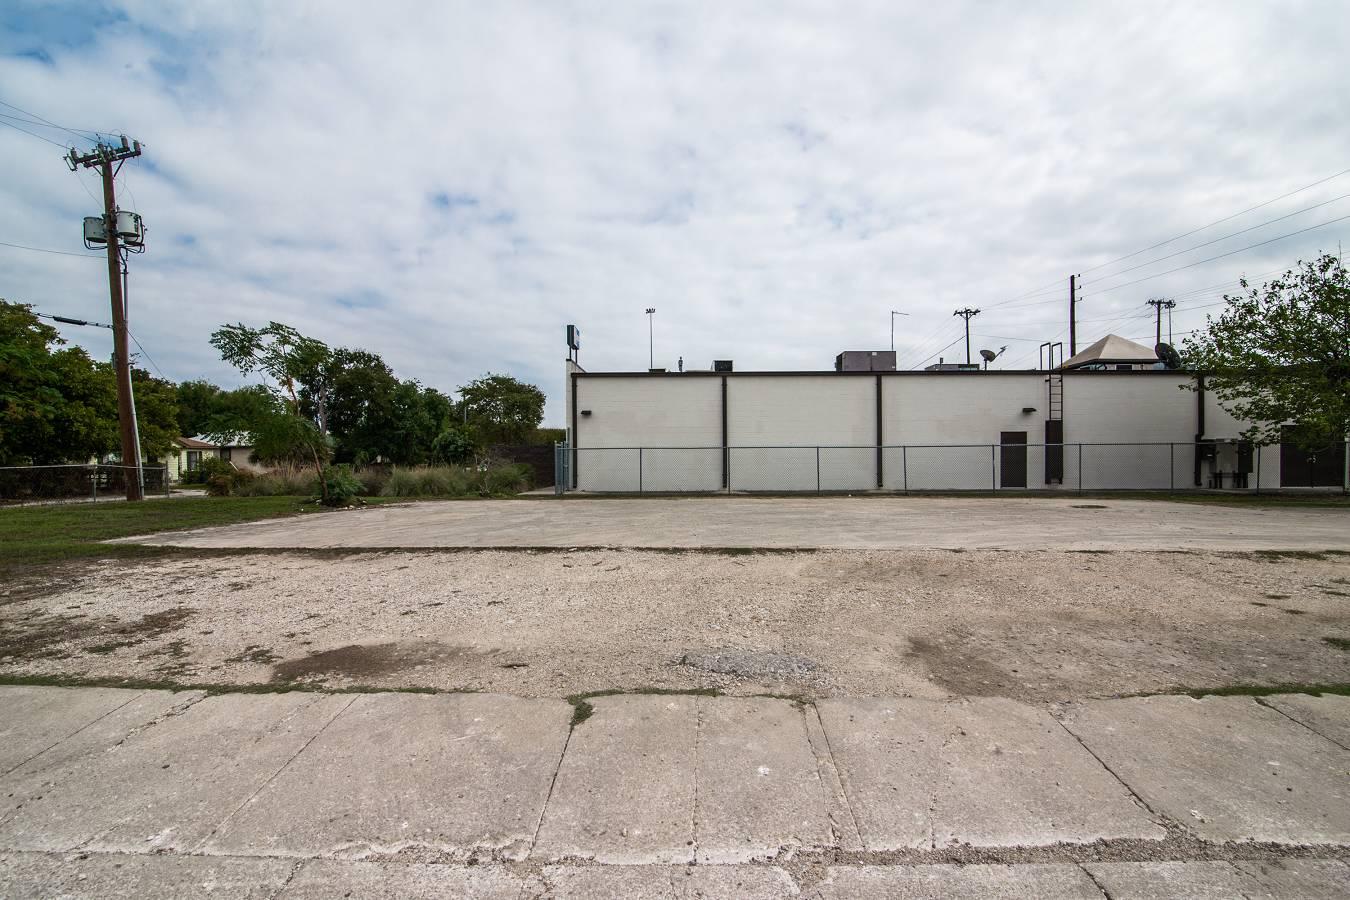 1343 W. Hildebrand , San Antonio, TX - USA (photo 5)